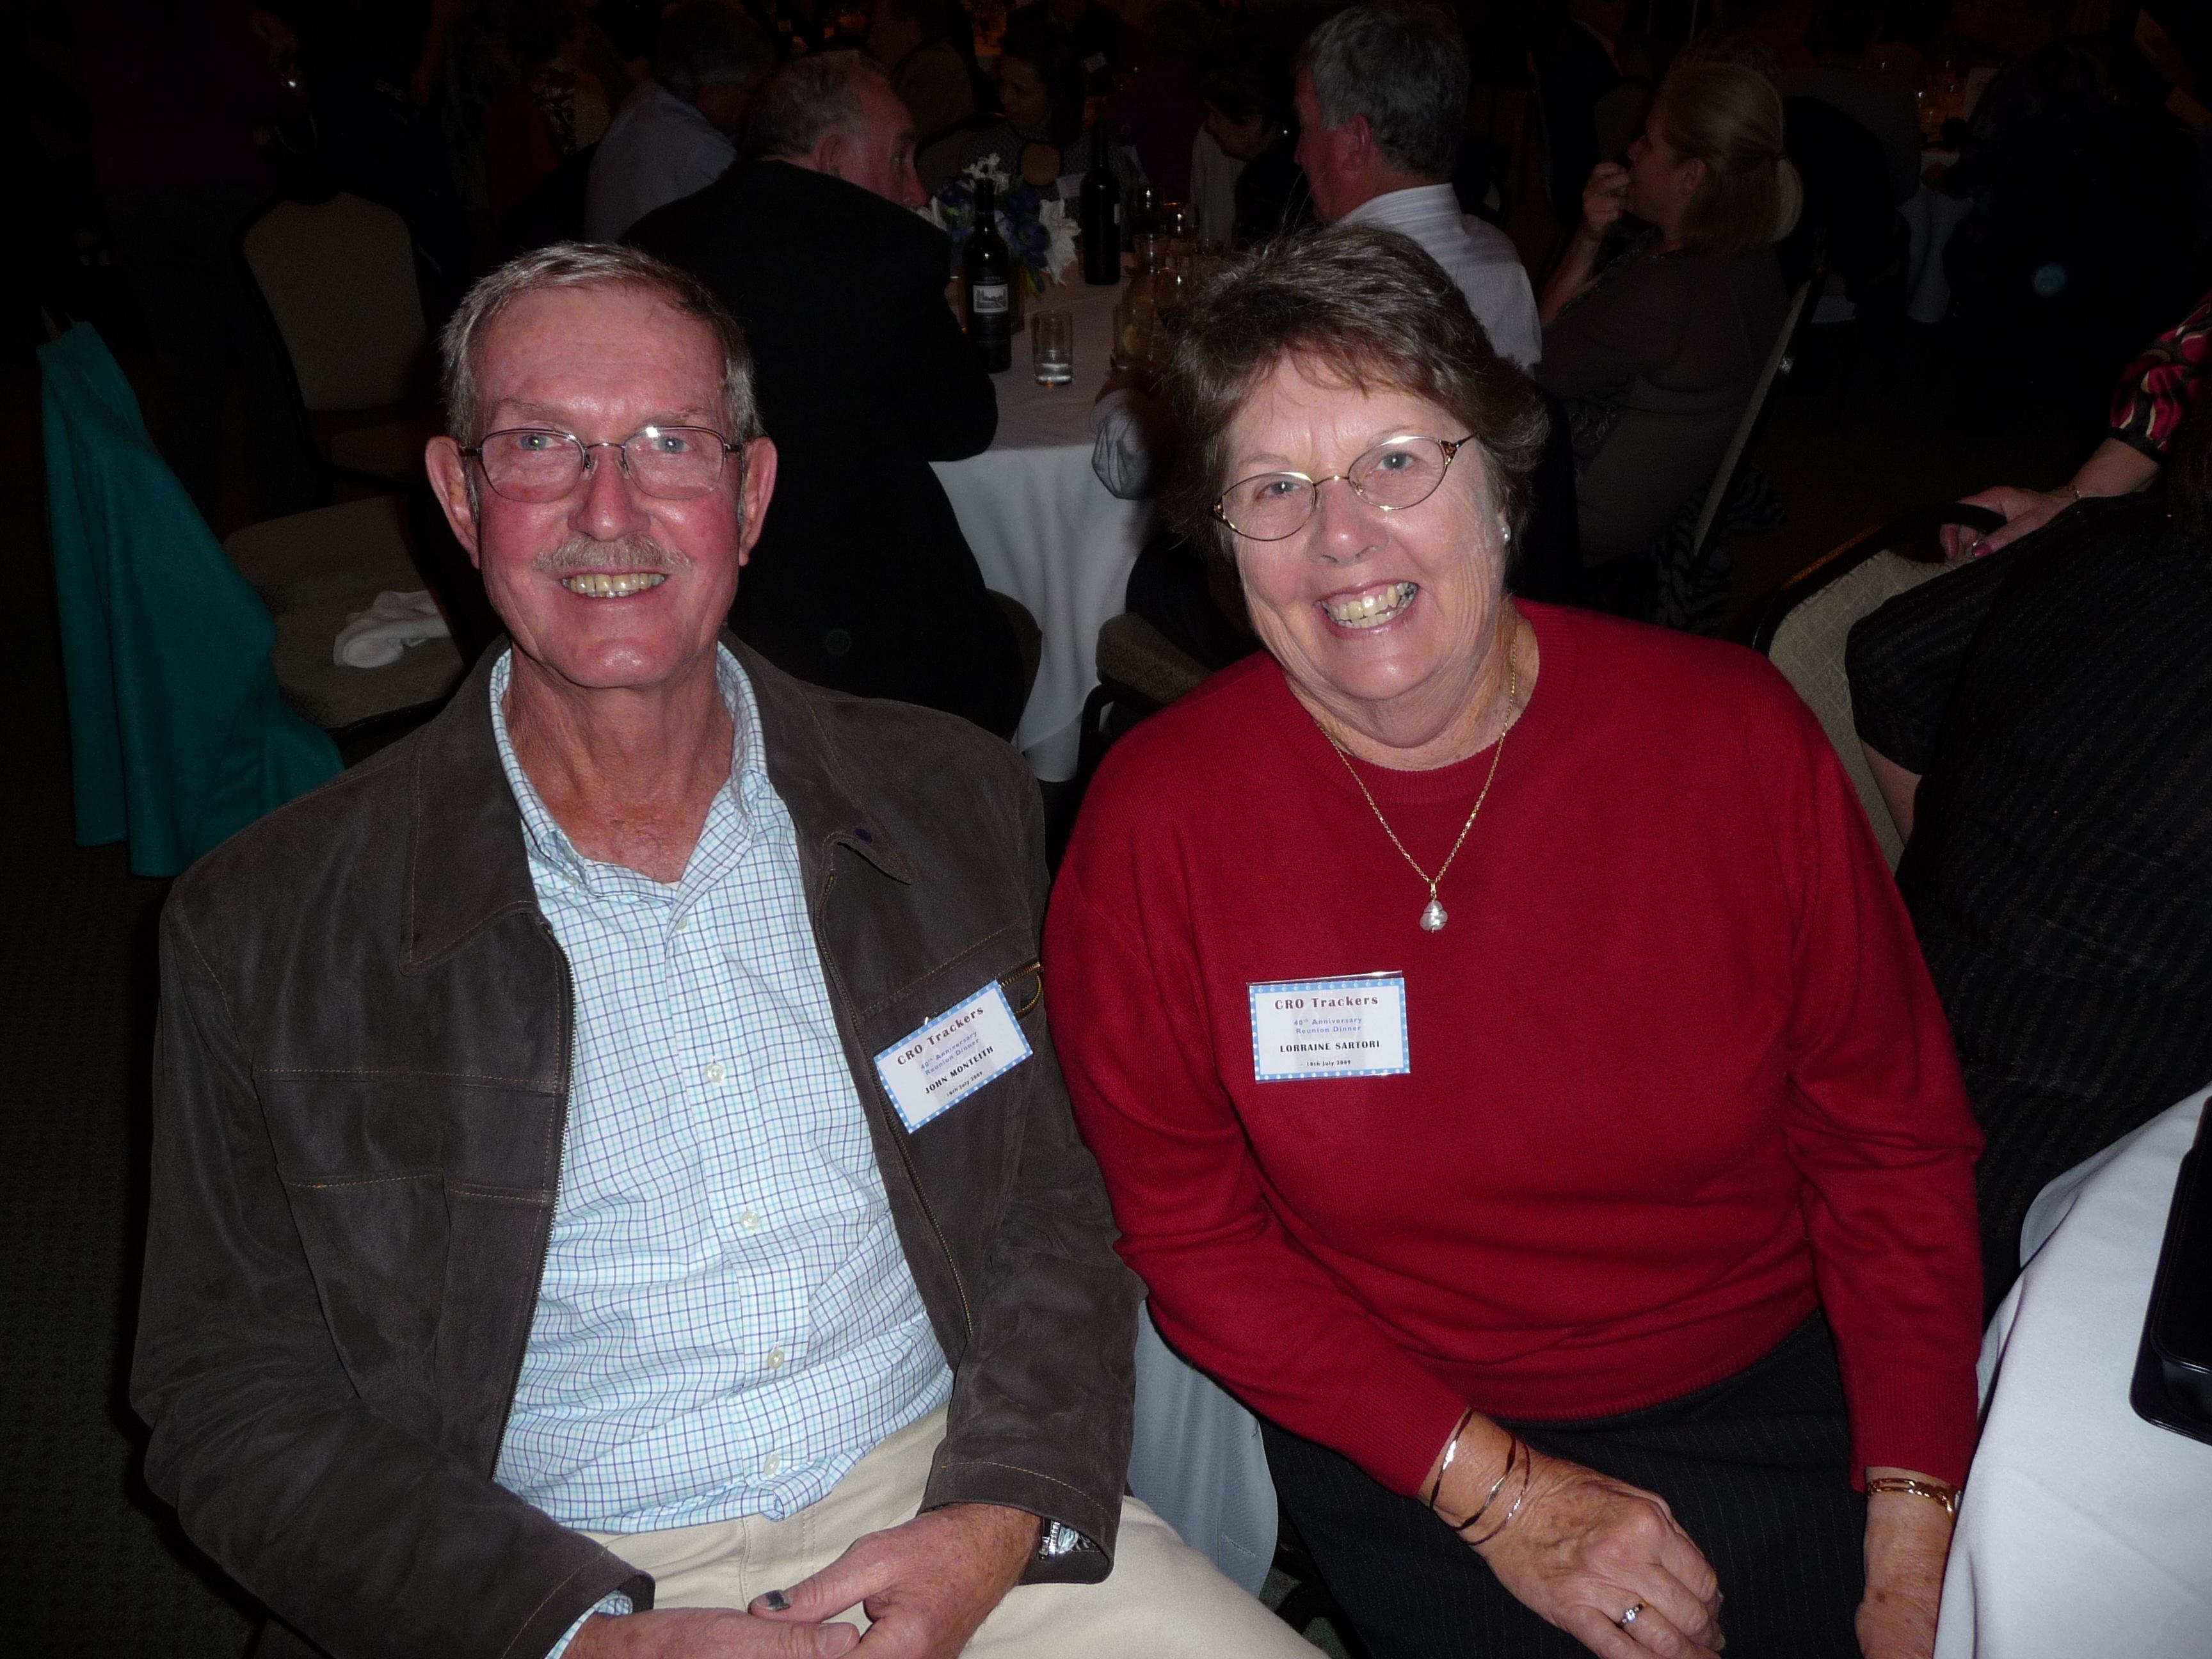 John Monteith & Lorraine Sartori